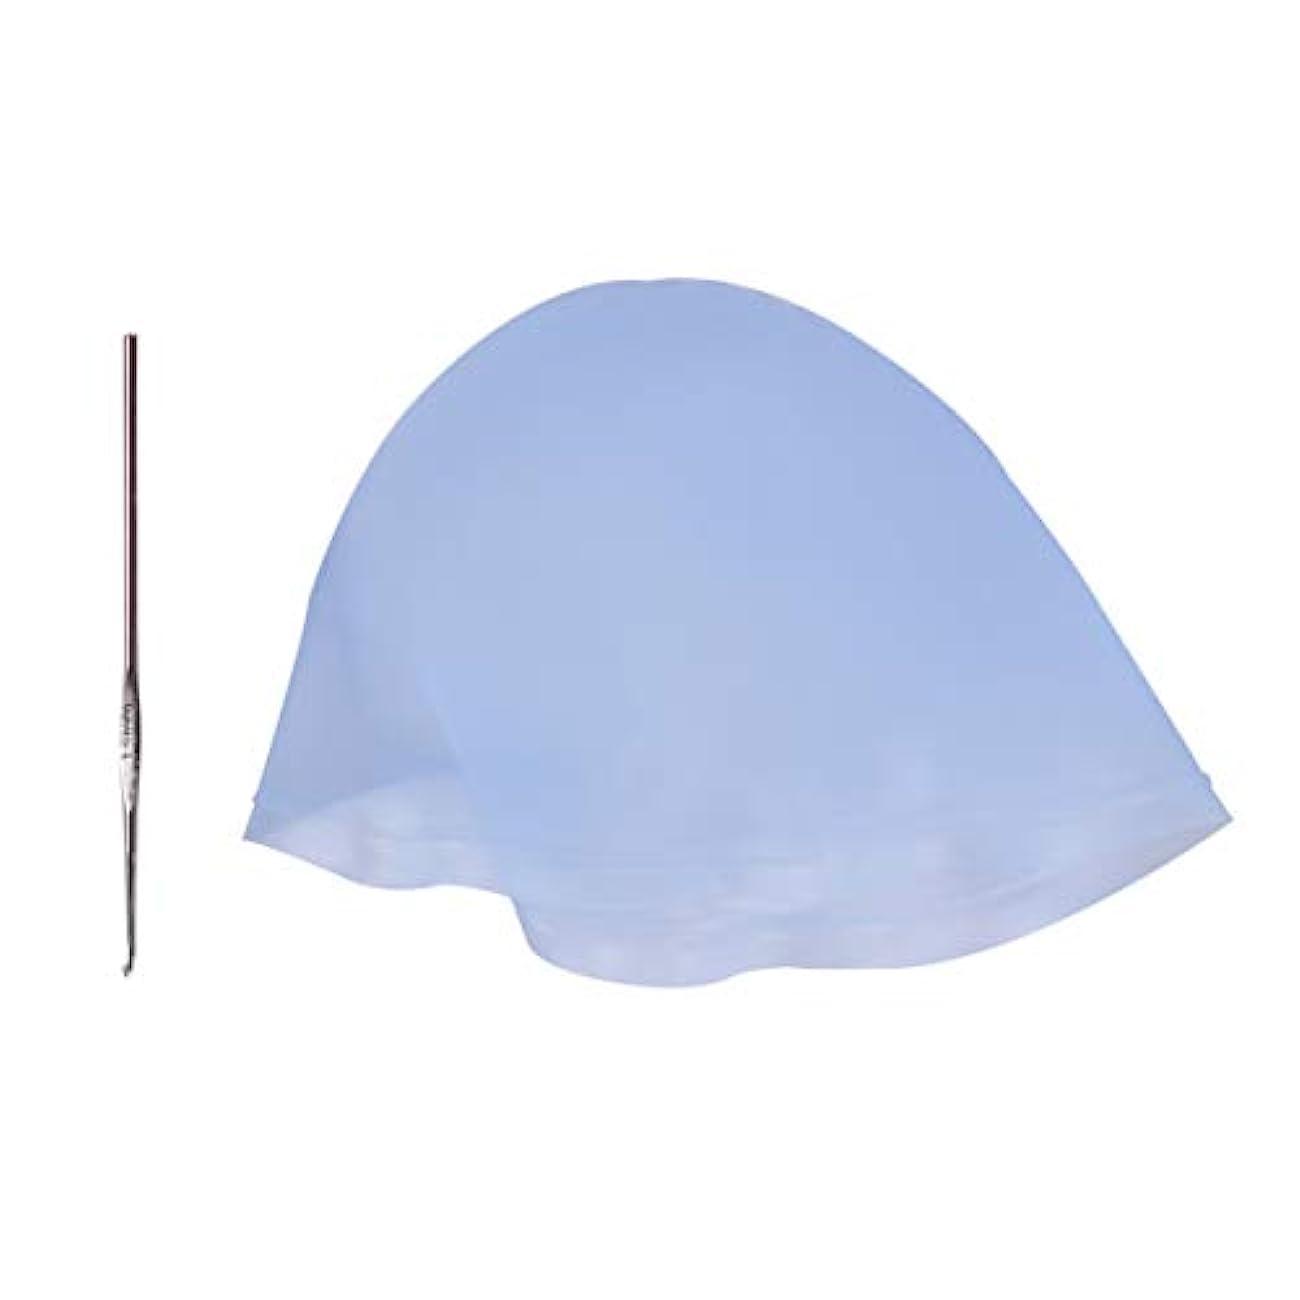 米ドル生息地拍手するMinkissy ヘアカラーキャップフック付きシリコーン着色キャップ再利用可能なハイライトキャップ大人女性男性ヘアサロン理髪ツール3セットを染色(スカイブルー)